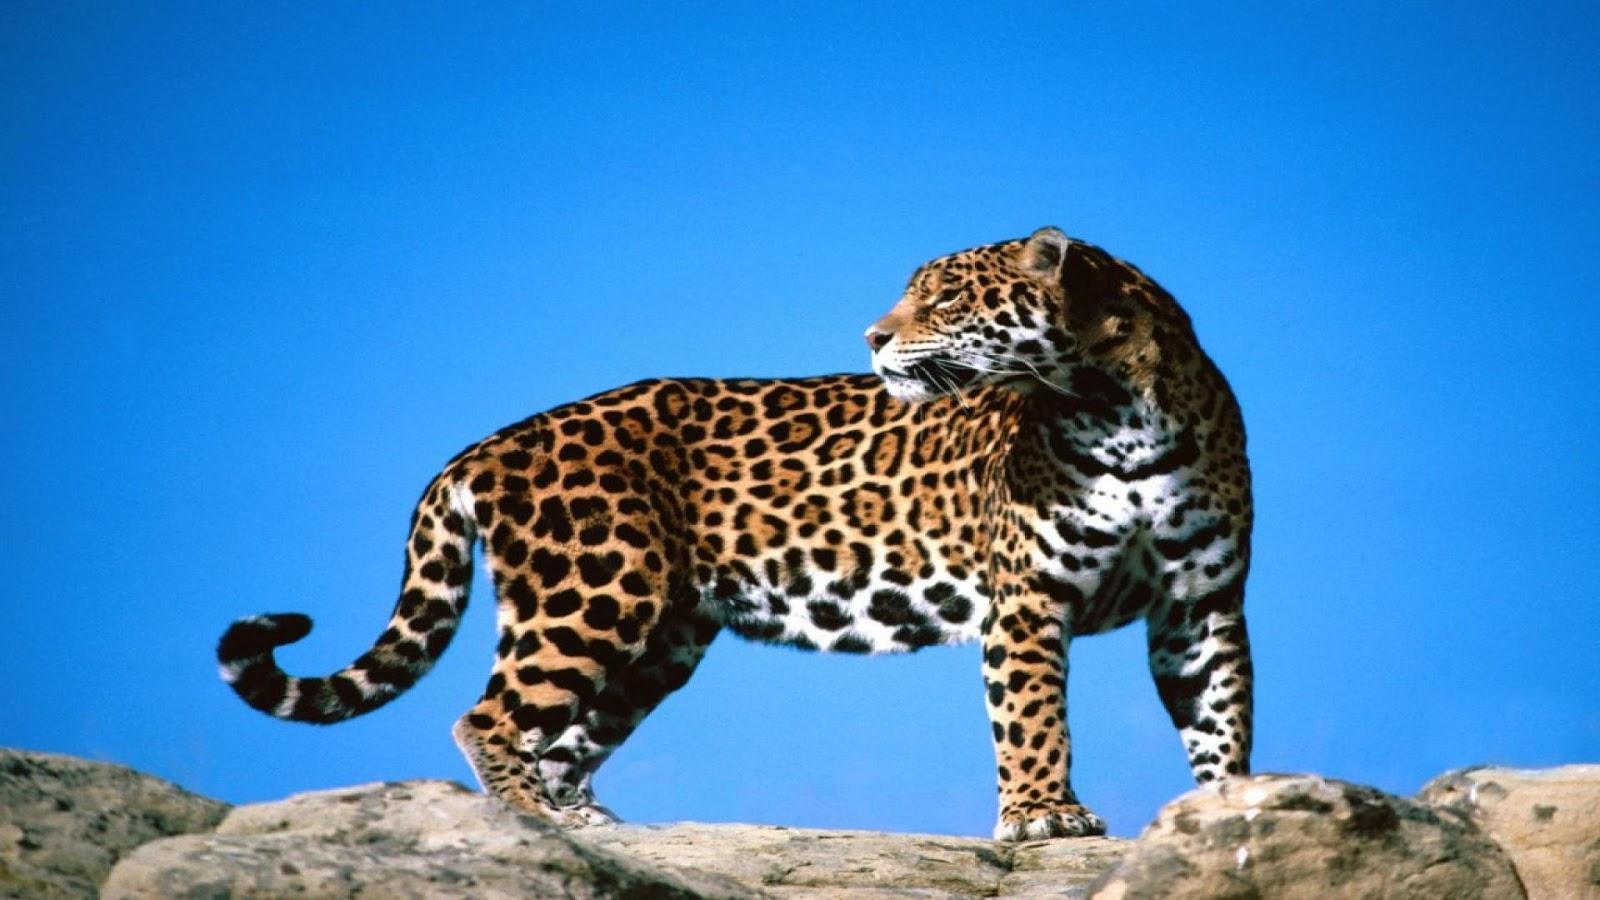 Cheetah Photos Animals Hd Wallpapers Free Download: Download HD Wallpapers: Download Cheetah HD Wallpapers